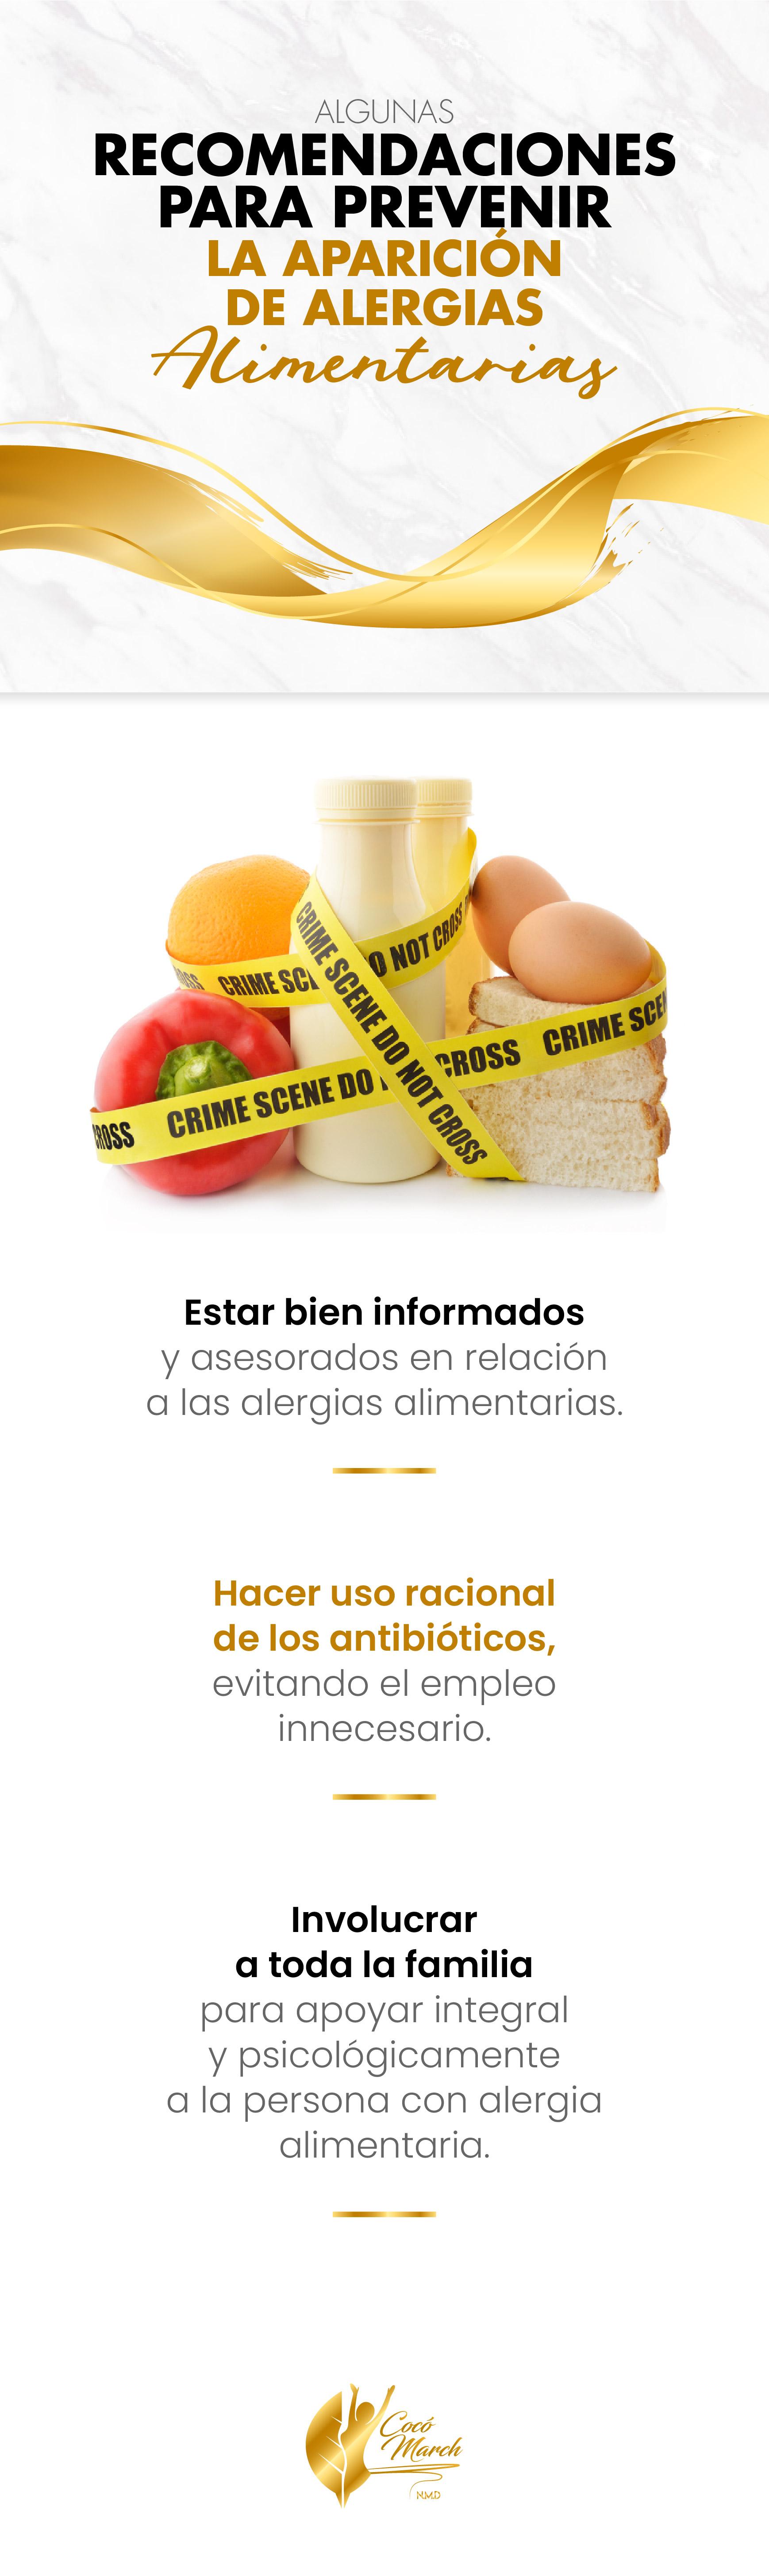 recomendaciones-para-prevenir-las-alergias-alimentarias